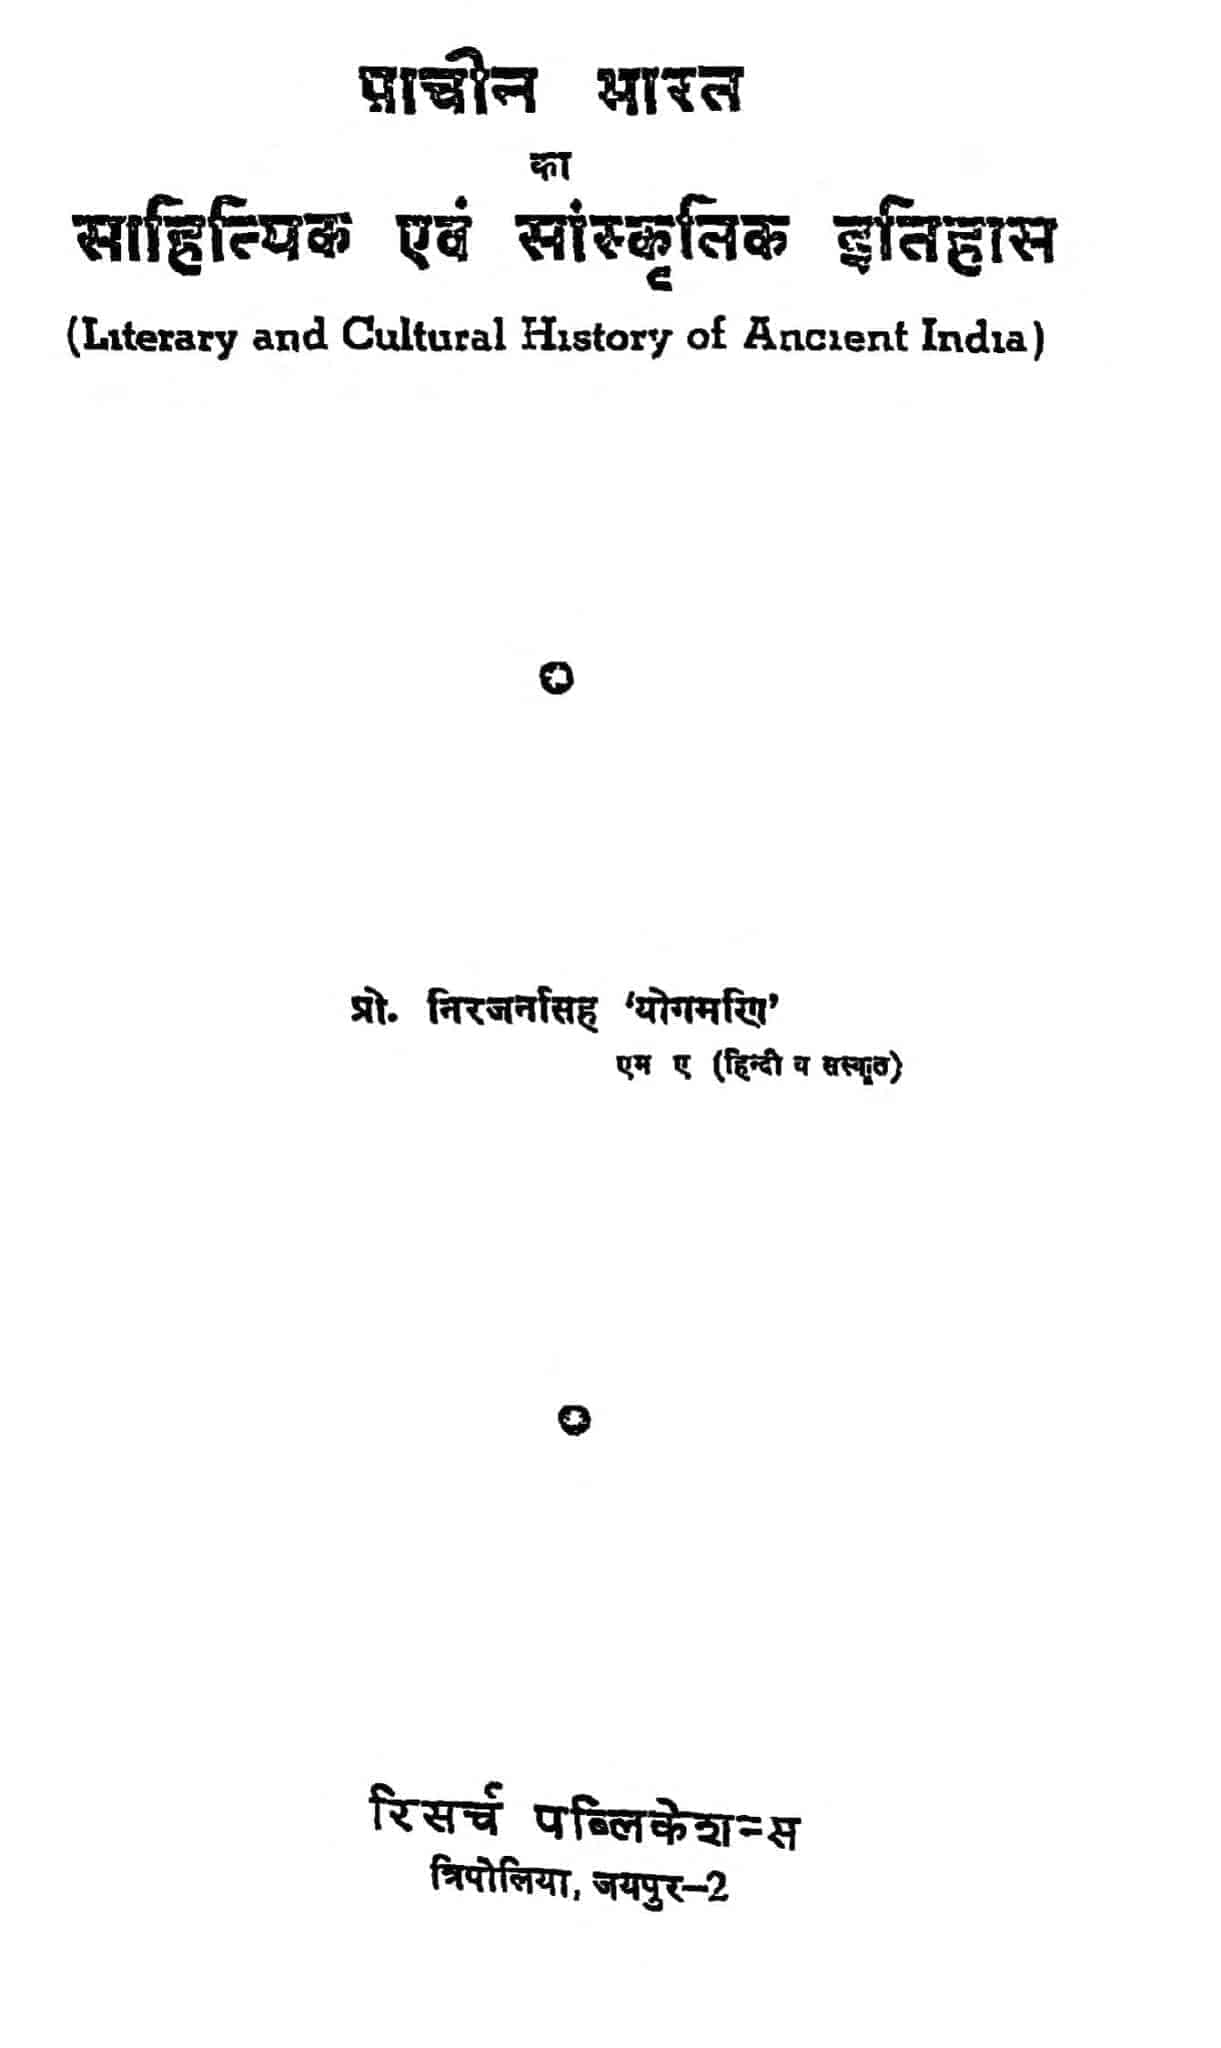 Book Image : प्राचीन भारत का साहित्यक एवं सांस्कृतिक इतिहास - Prachin Bharat Ka Sahitya Evam Sanskritik Itihas